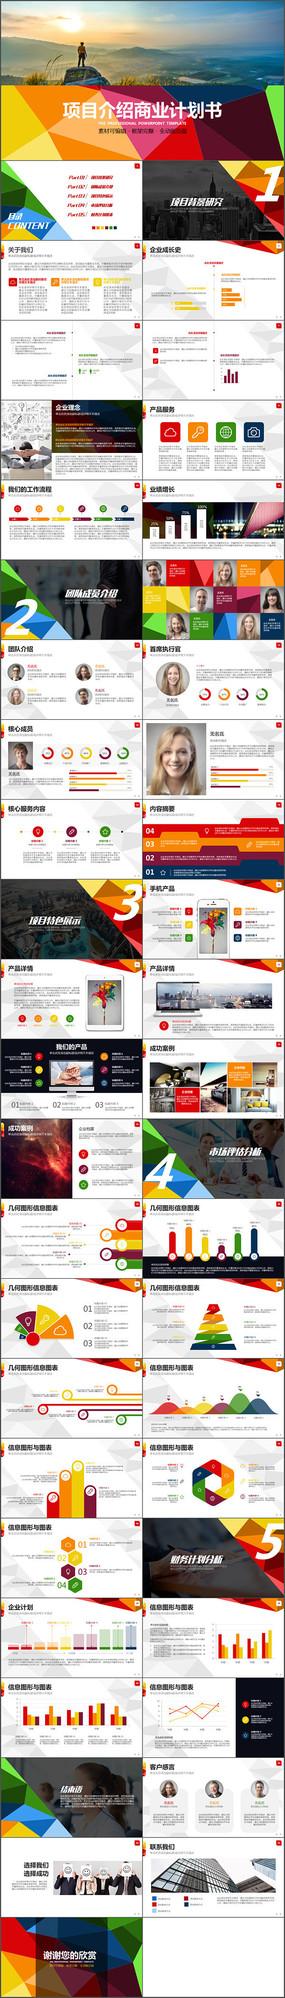 时尚项目介绍商业计划书PPT模板